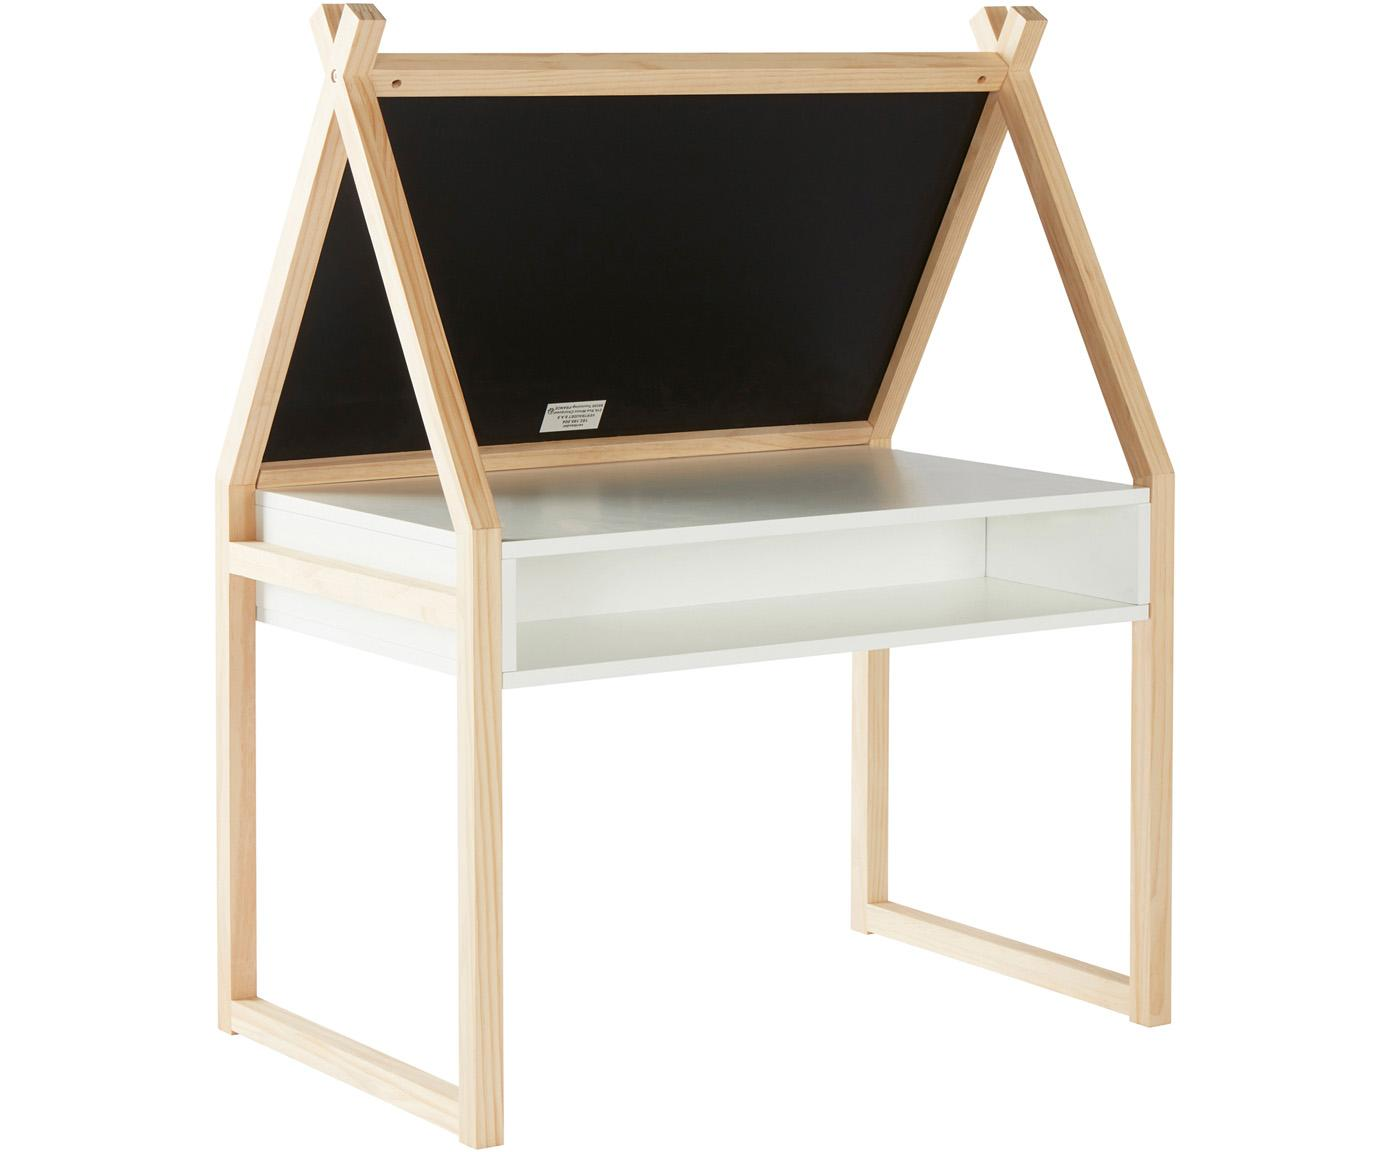 Tavolo per bambini con lavagna Cadiz, Cornice: legno di pino, Marrone, bianco, nero, Larg. 80 x Alt. 101 cm